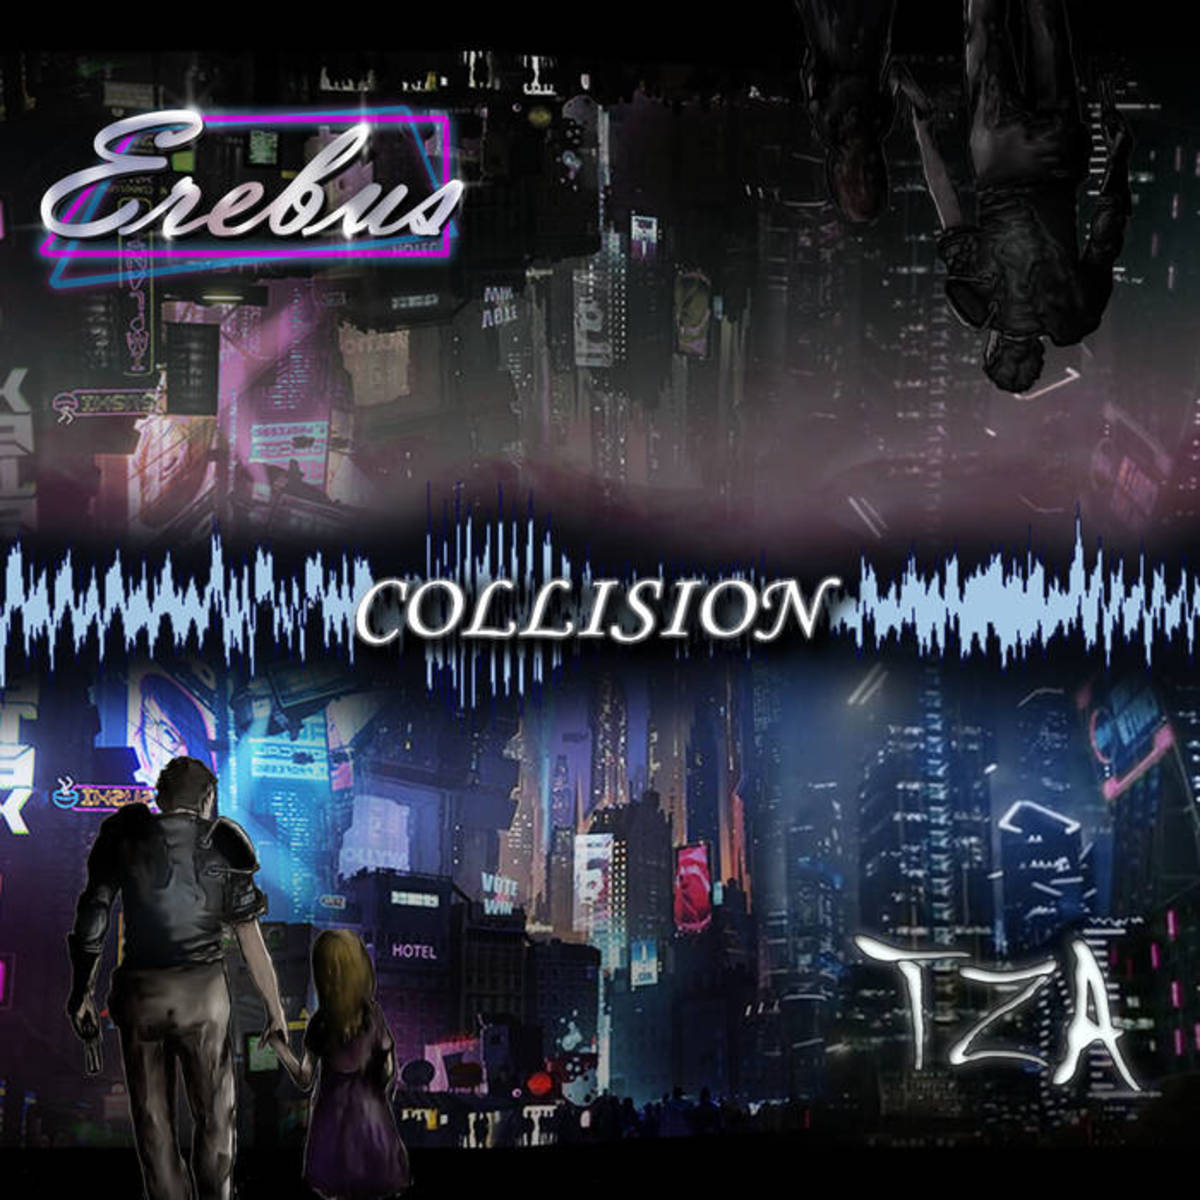 """Erebus, """"Collision"""" album cover"""